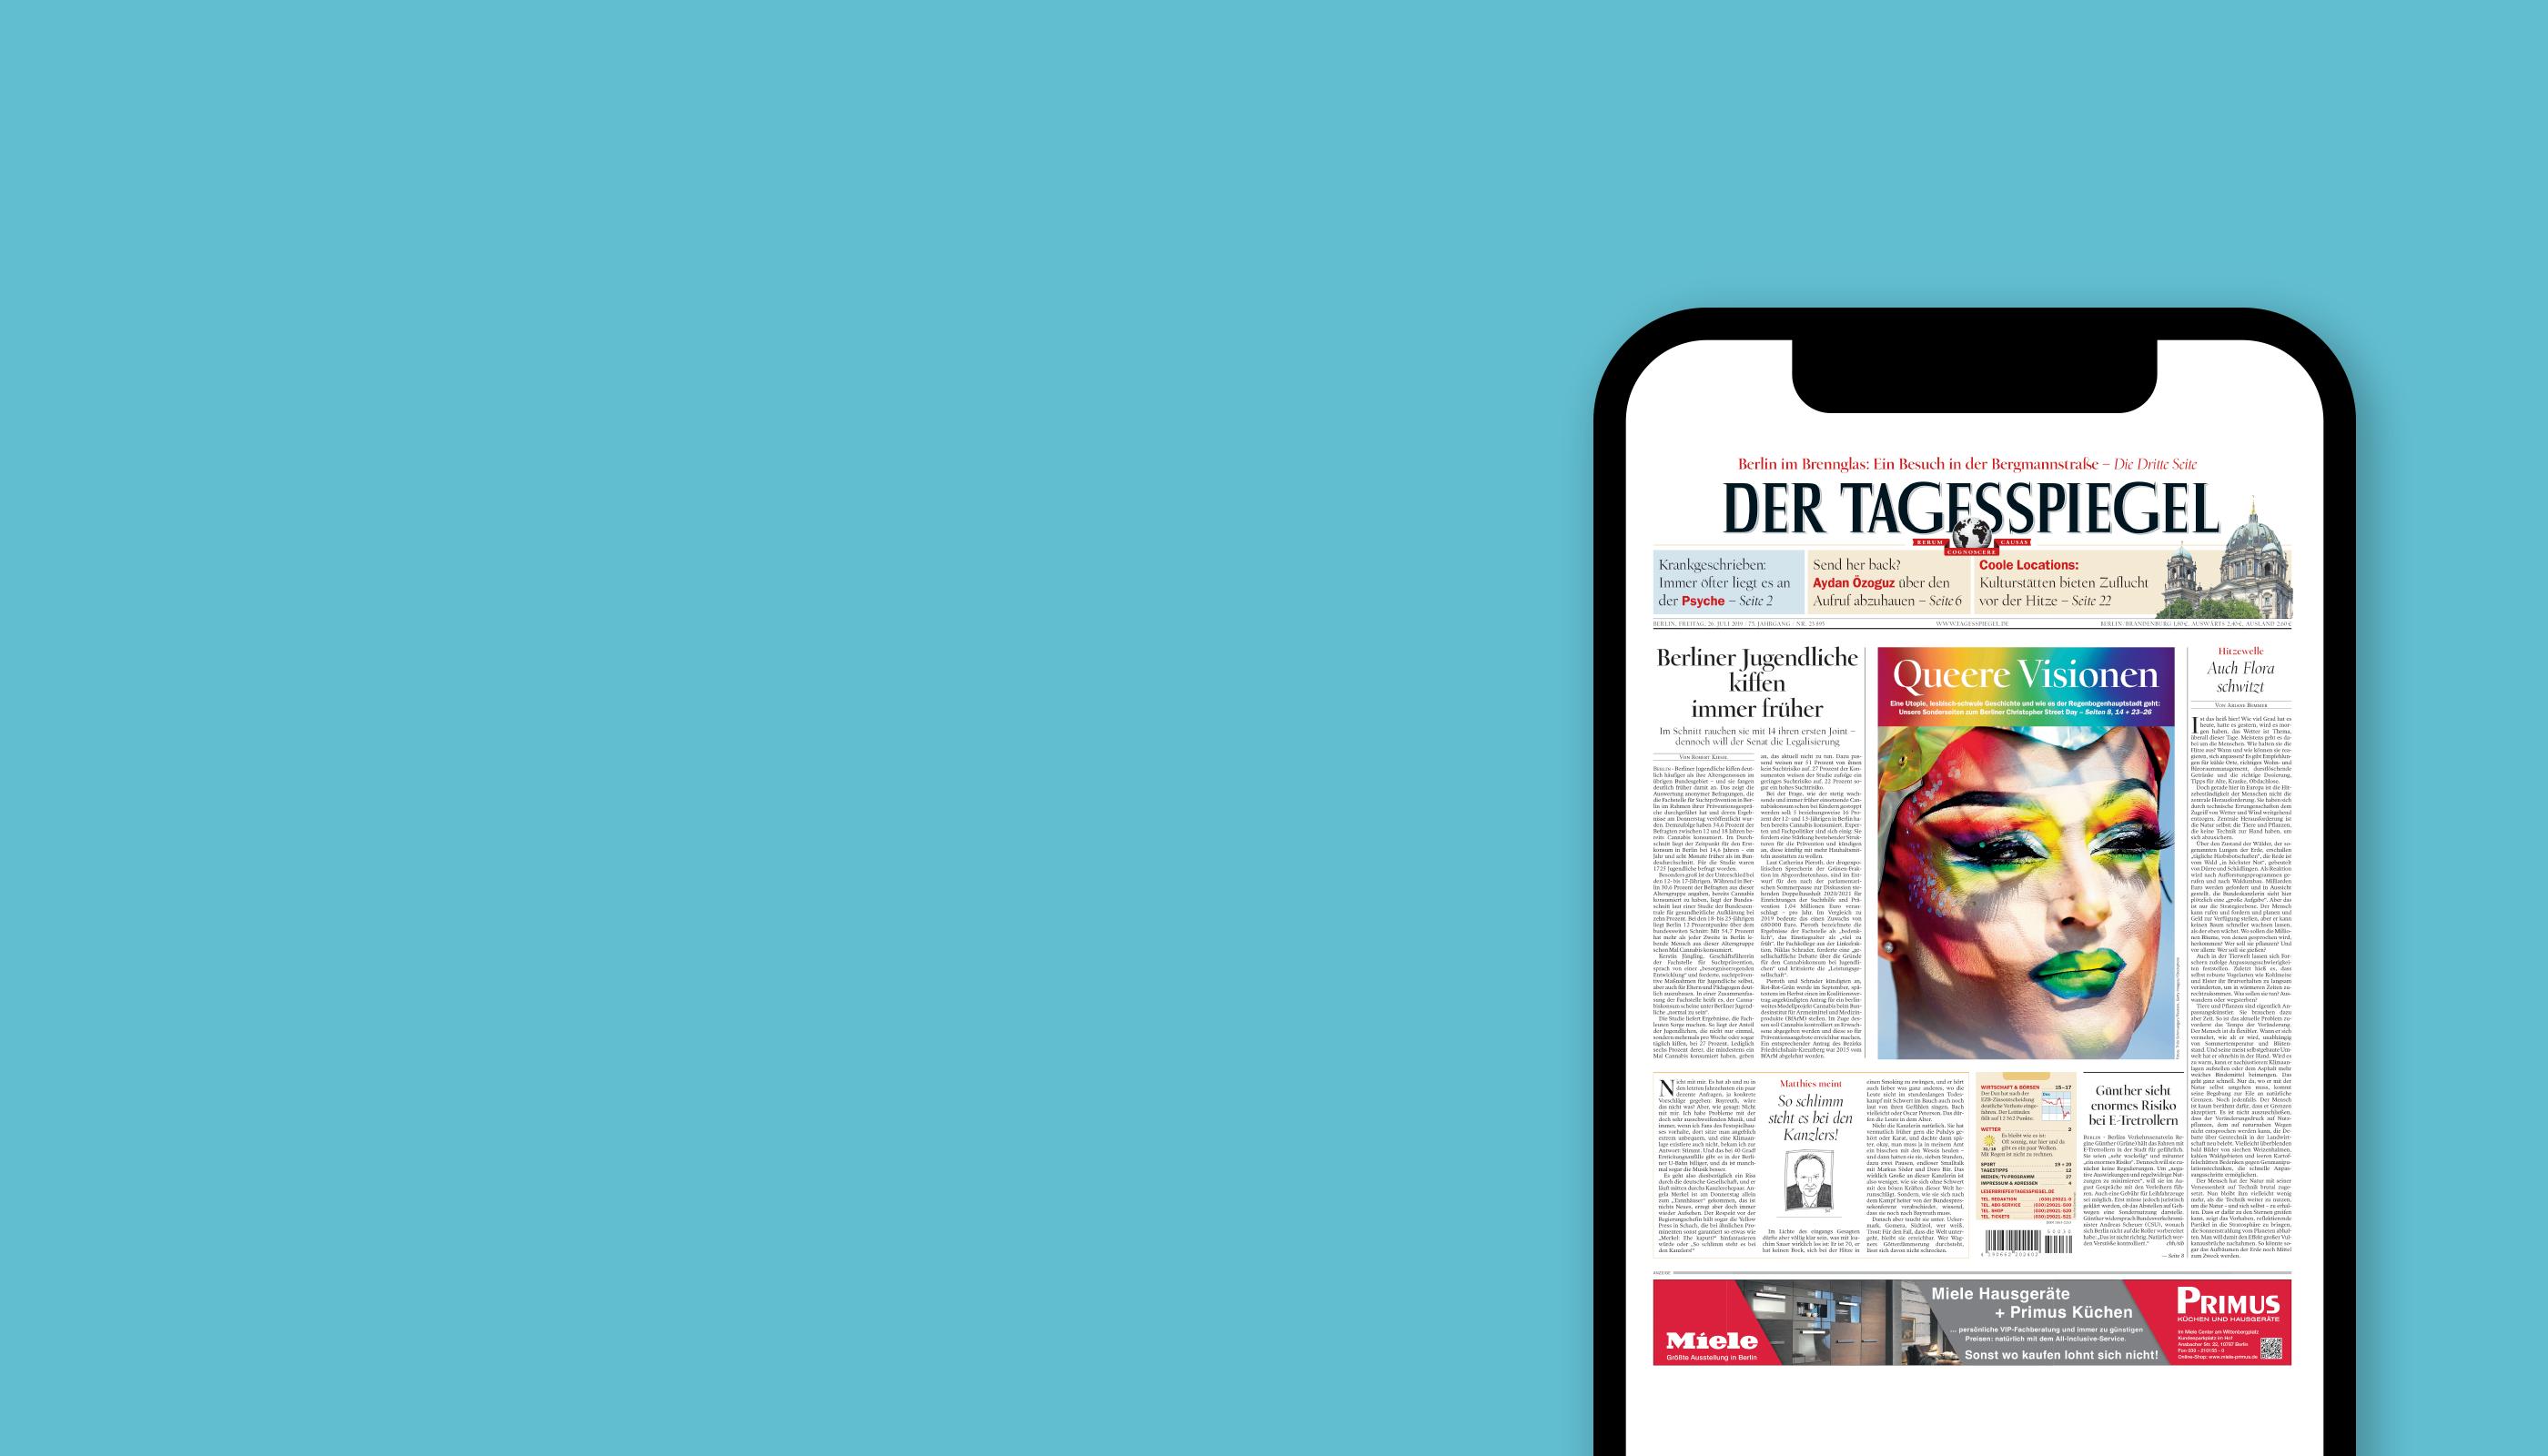 Tagesspiegel lesen. iPhone geschenkt.